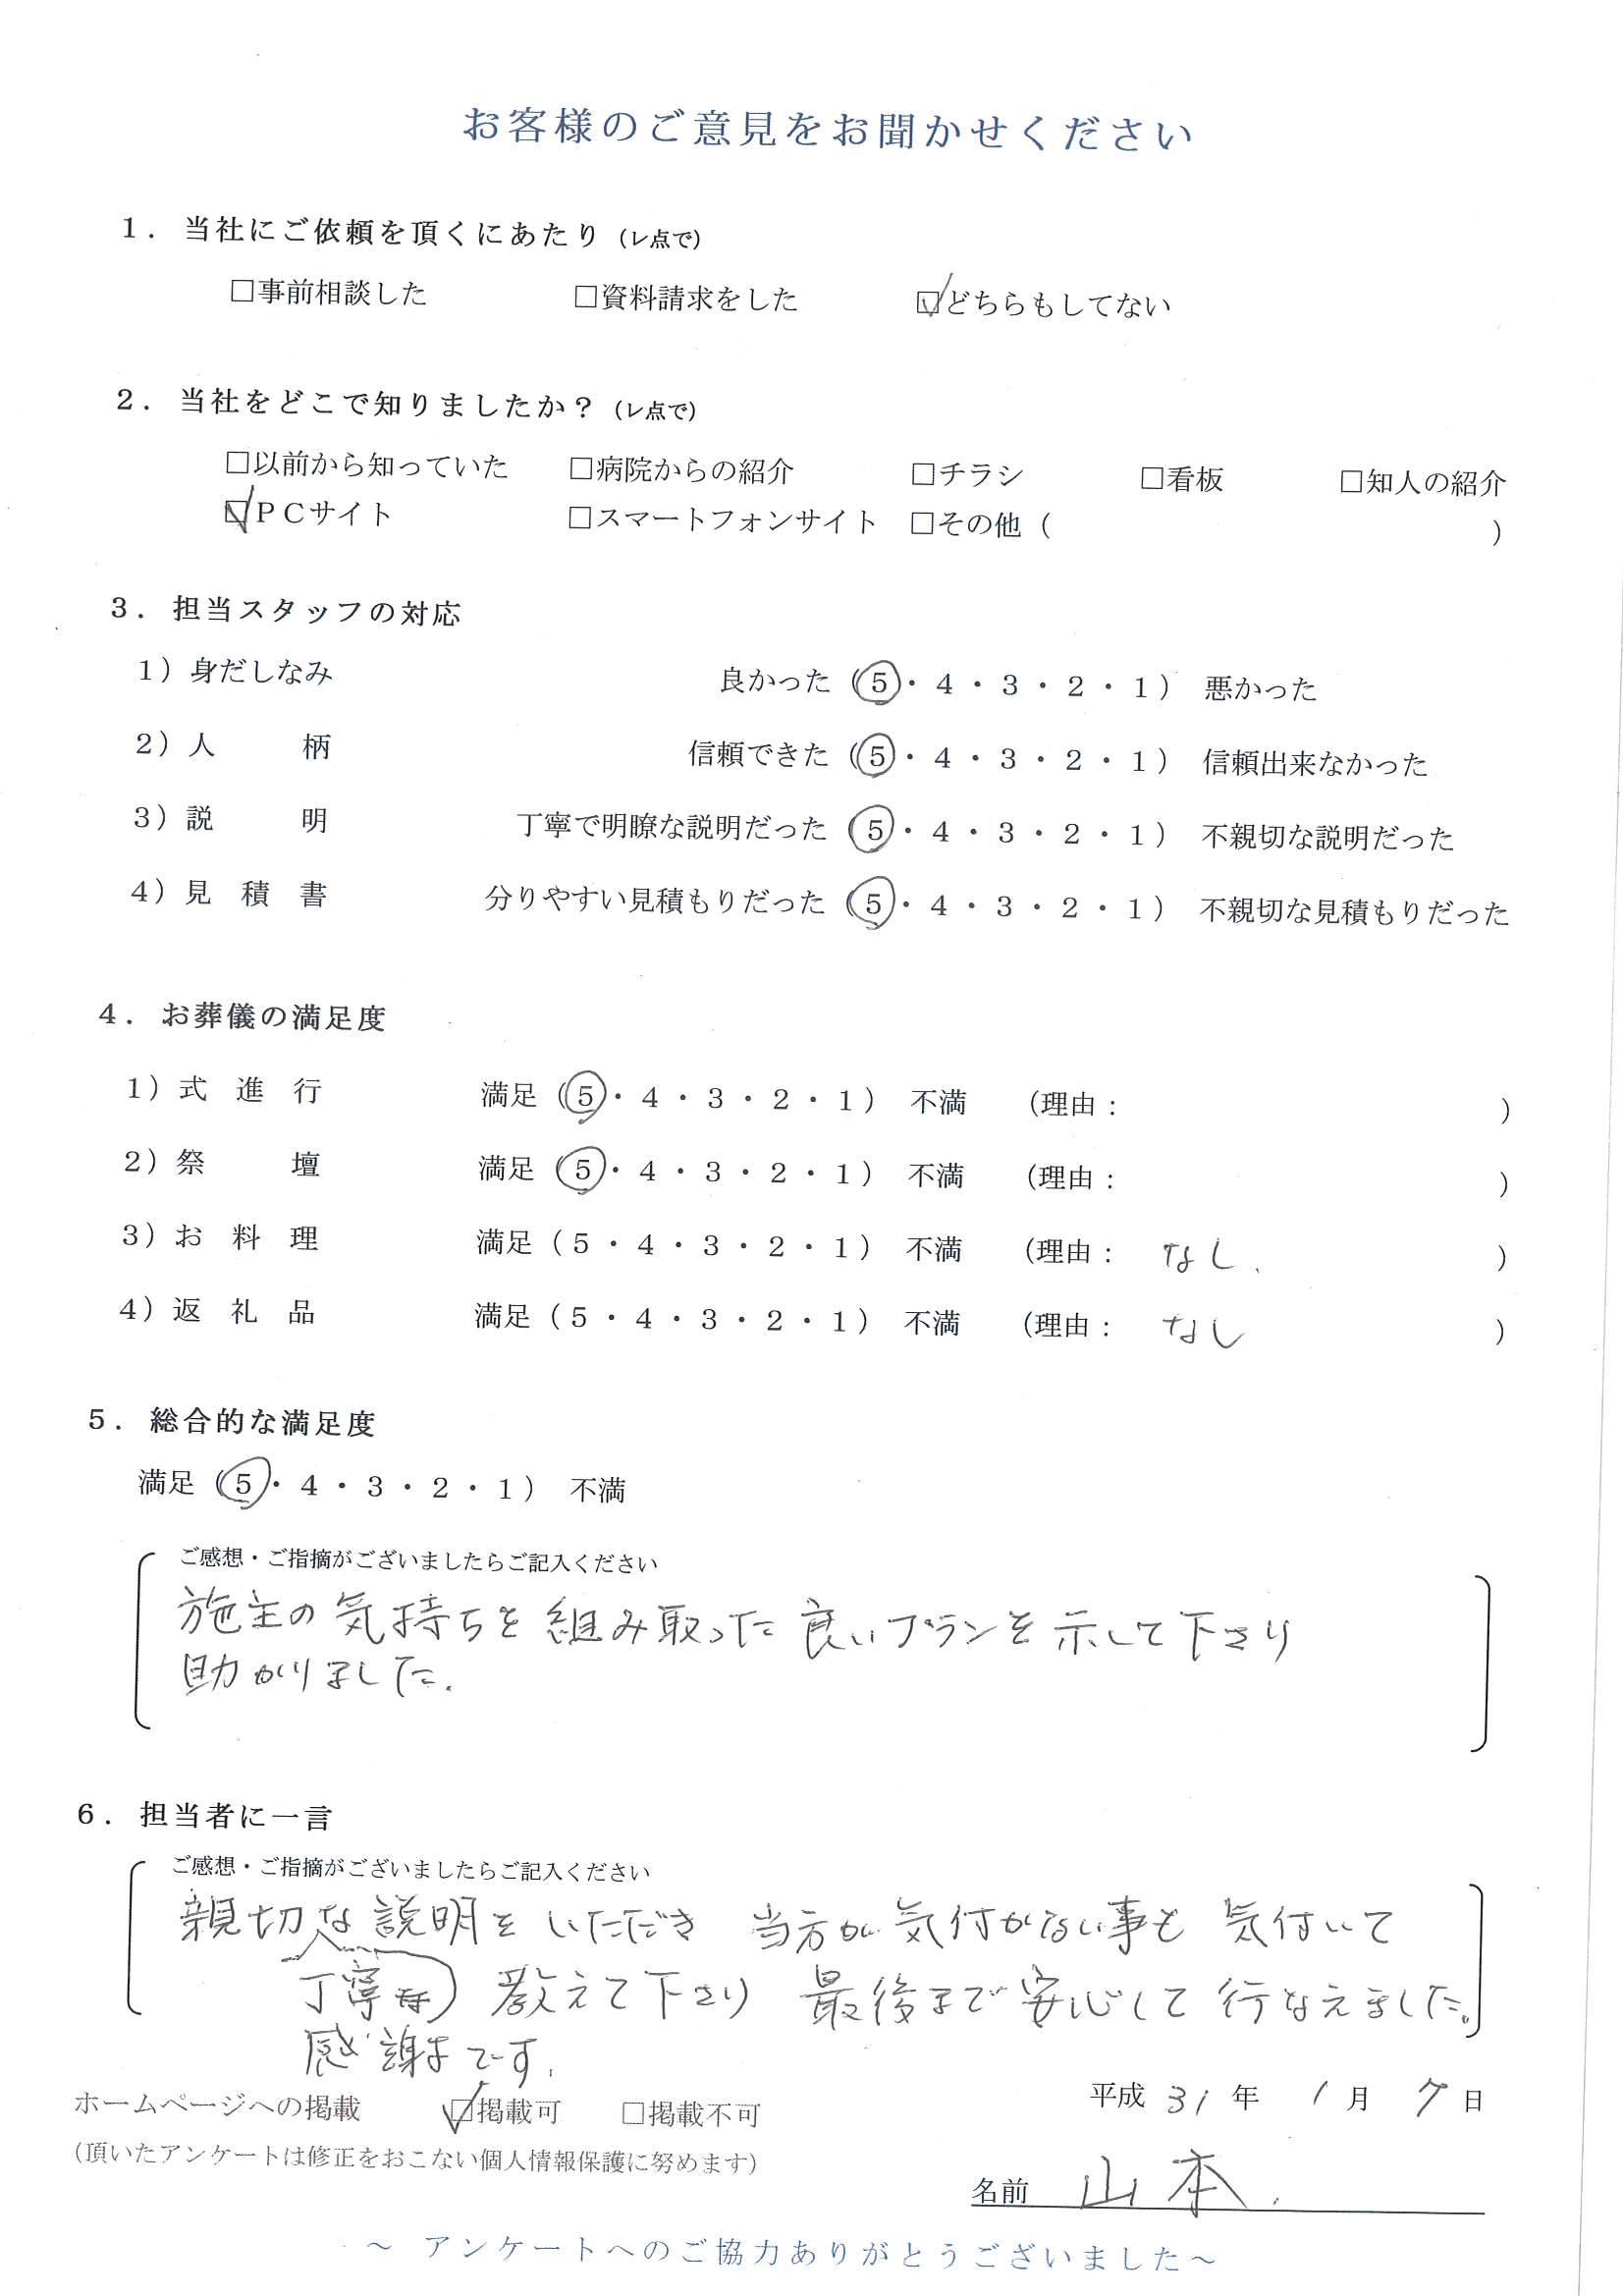 2019.01.07 川崎市多摩区 山本様